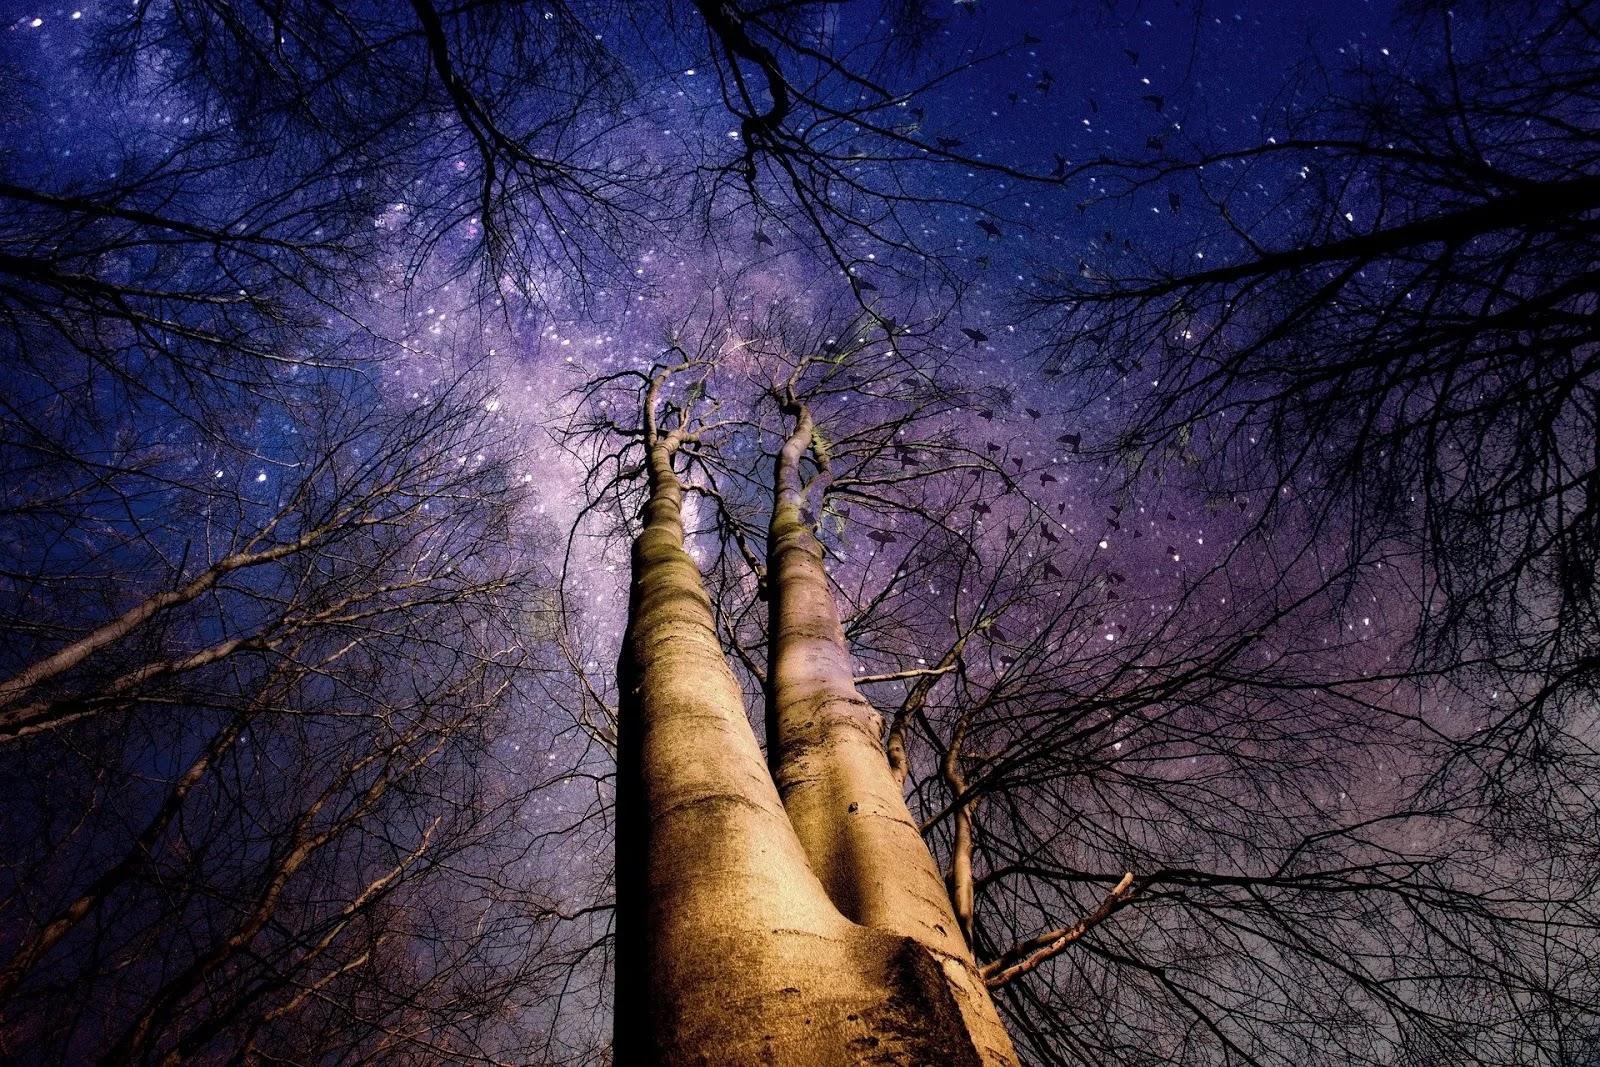 أفضل خلفيات الفضاء والطبيعة 2020